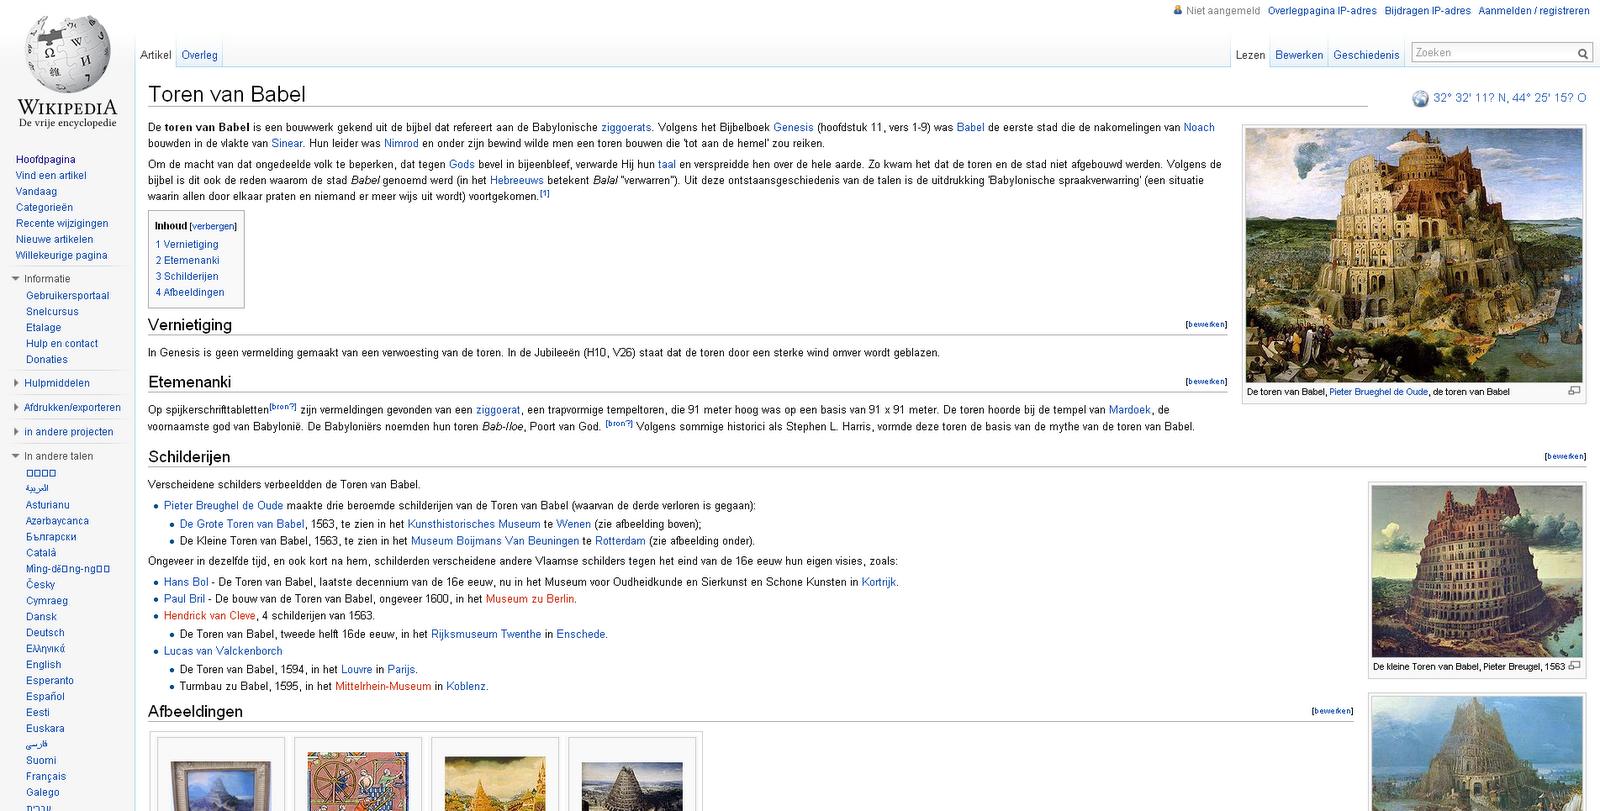 http://3.bp.blogspot.com/_z0eLJGT0p8M/TSnbz67Ly5I/AAAAAAAAACY/tOBkJLFfCd4/s1600/Toren+van+Babel+-+Wikipedia.png